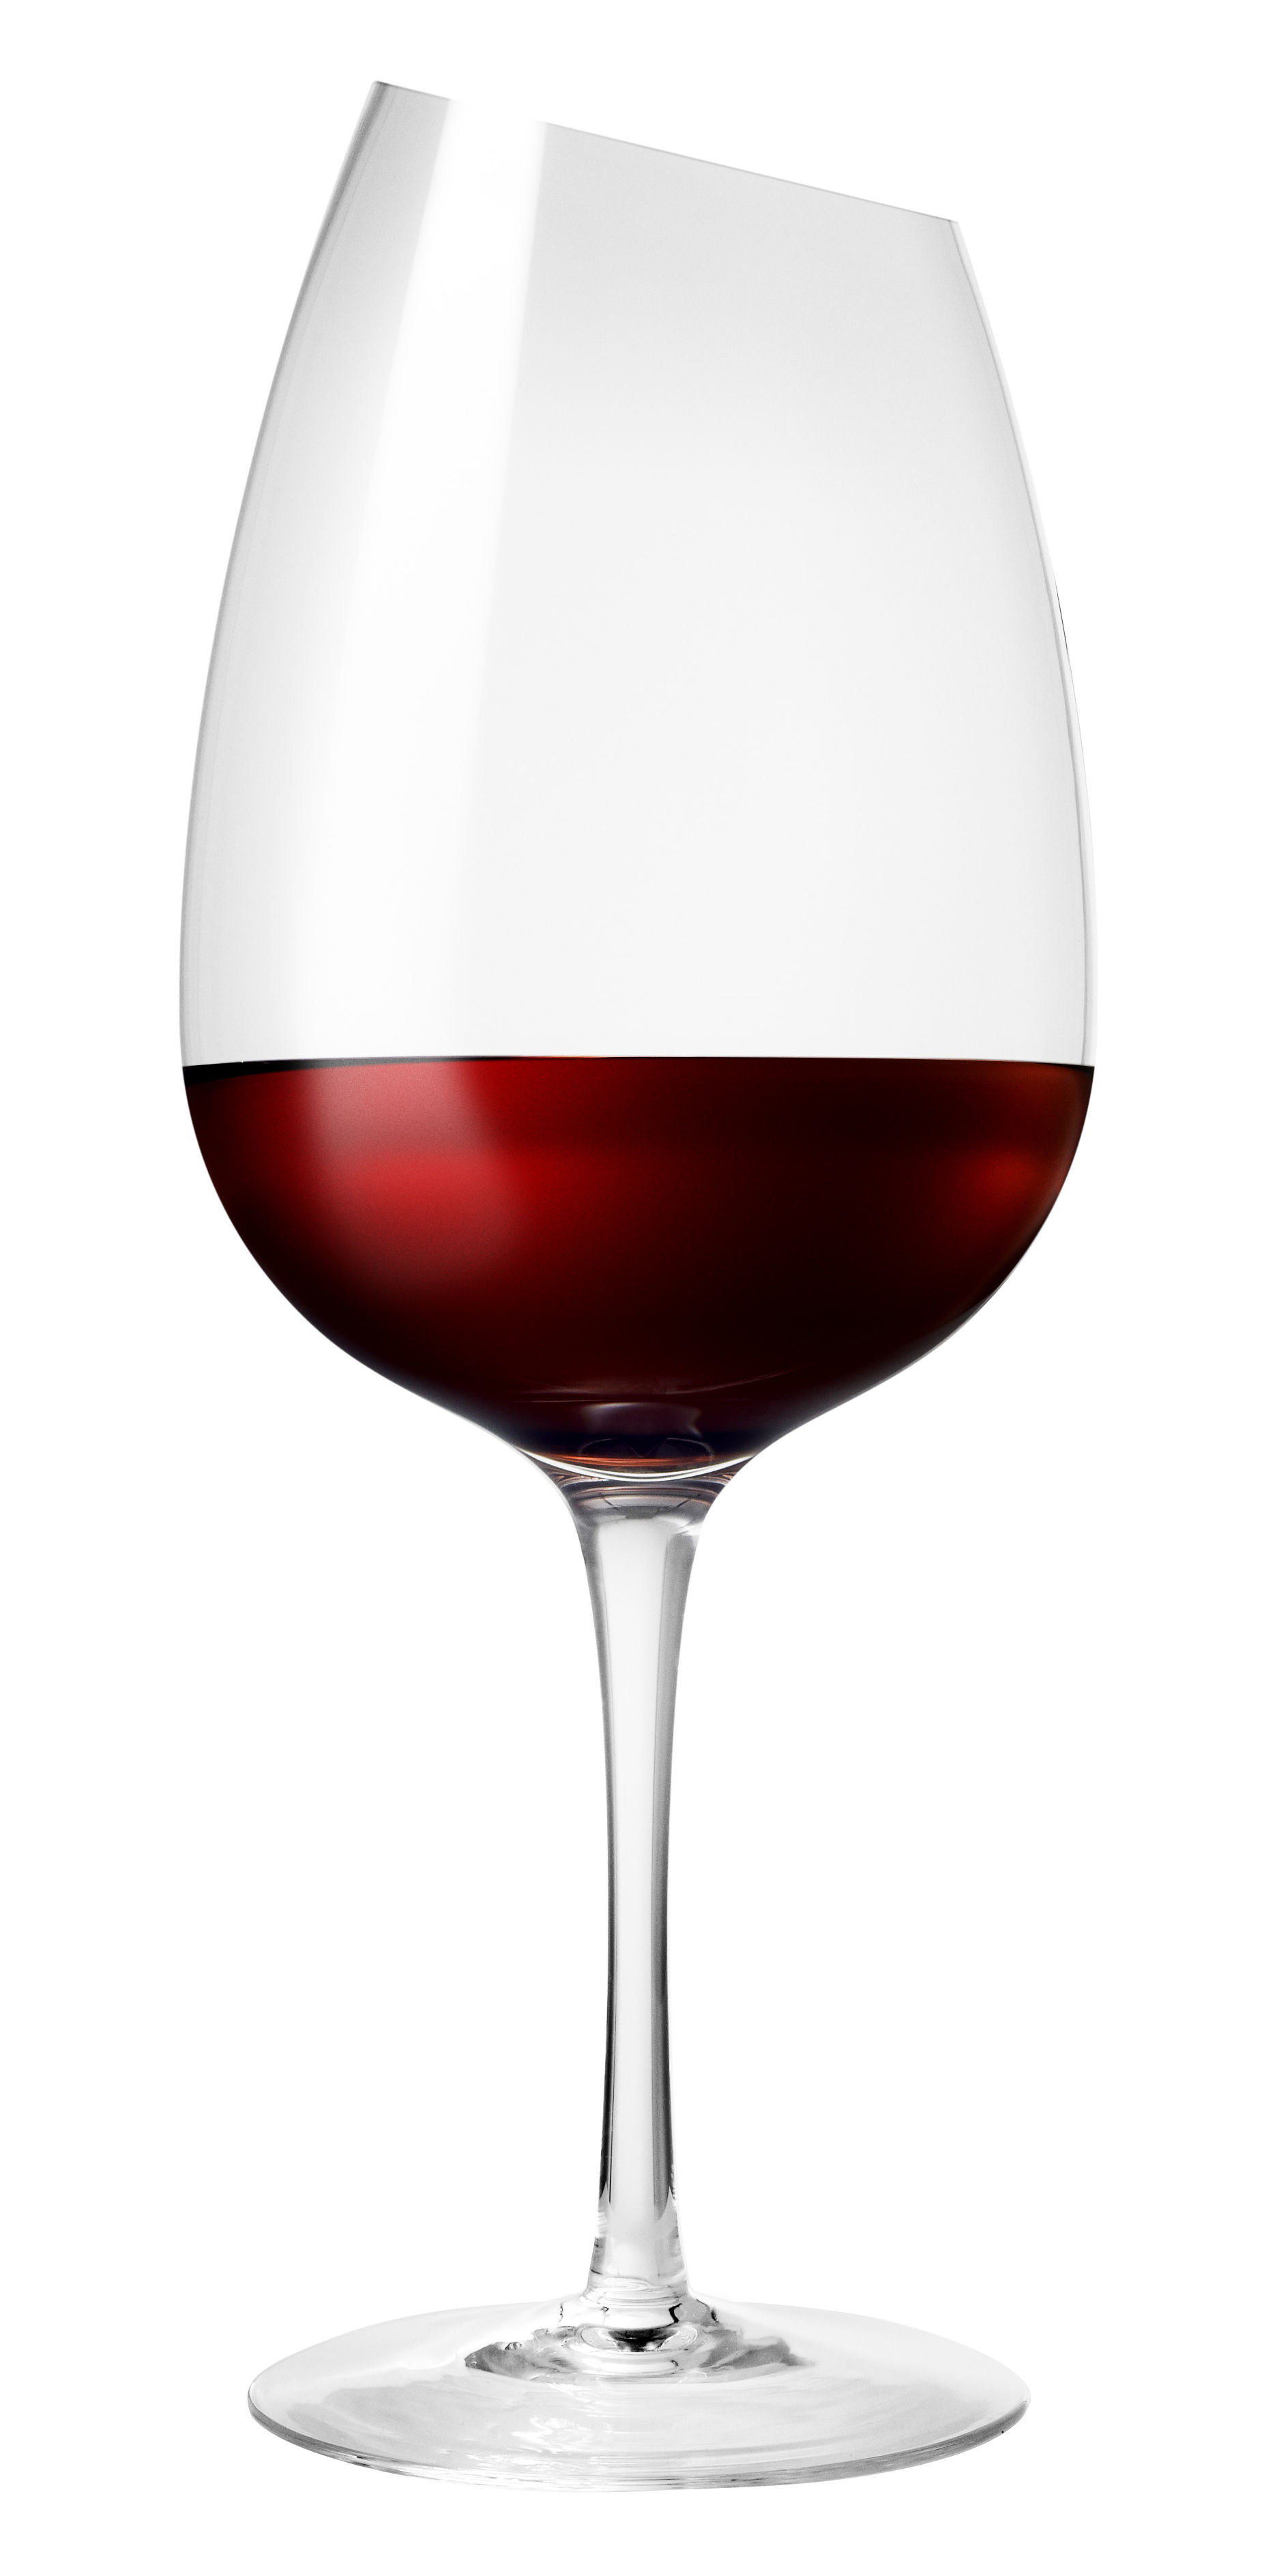 Verre à vin rouge Magnum Eva Solo - Vin rouge (90 cl) - h 27.5 x Ø ... f6212ddd18fd